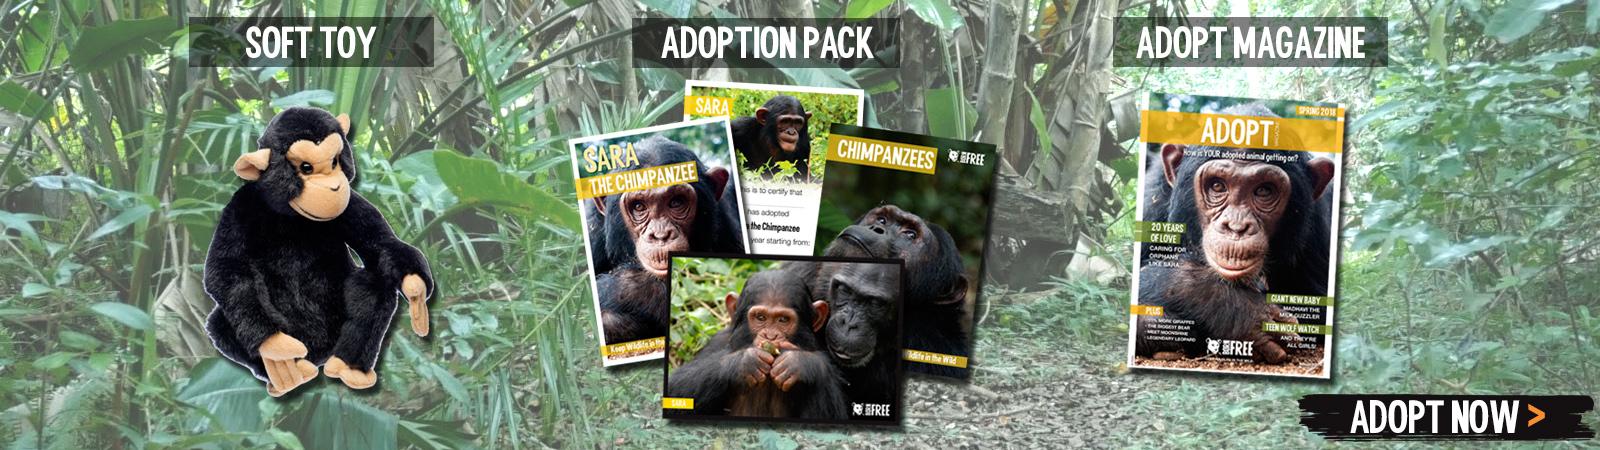 Sponsor a Chimpanzee